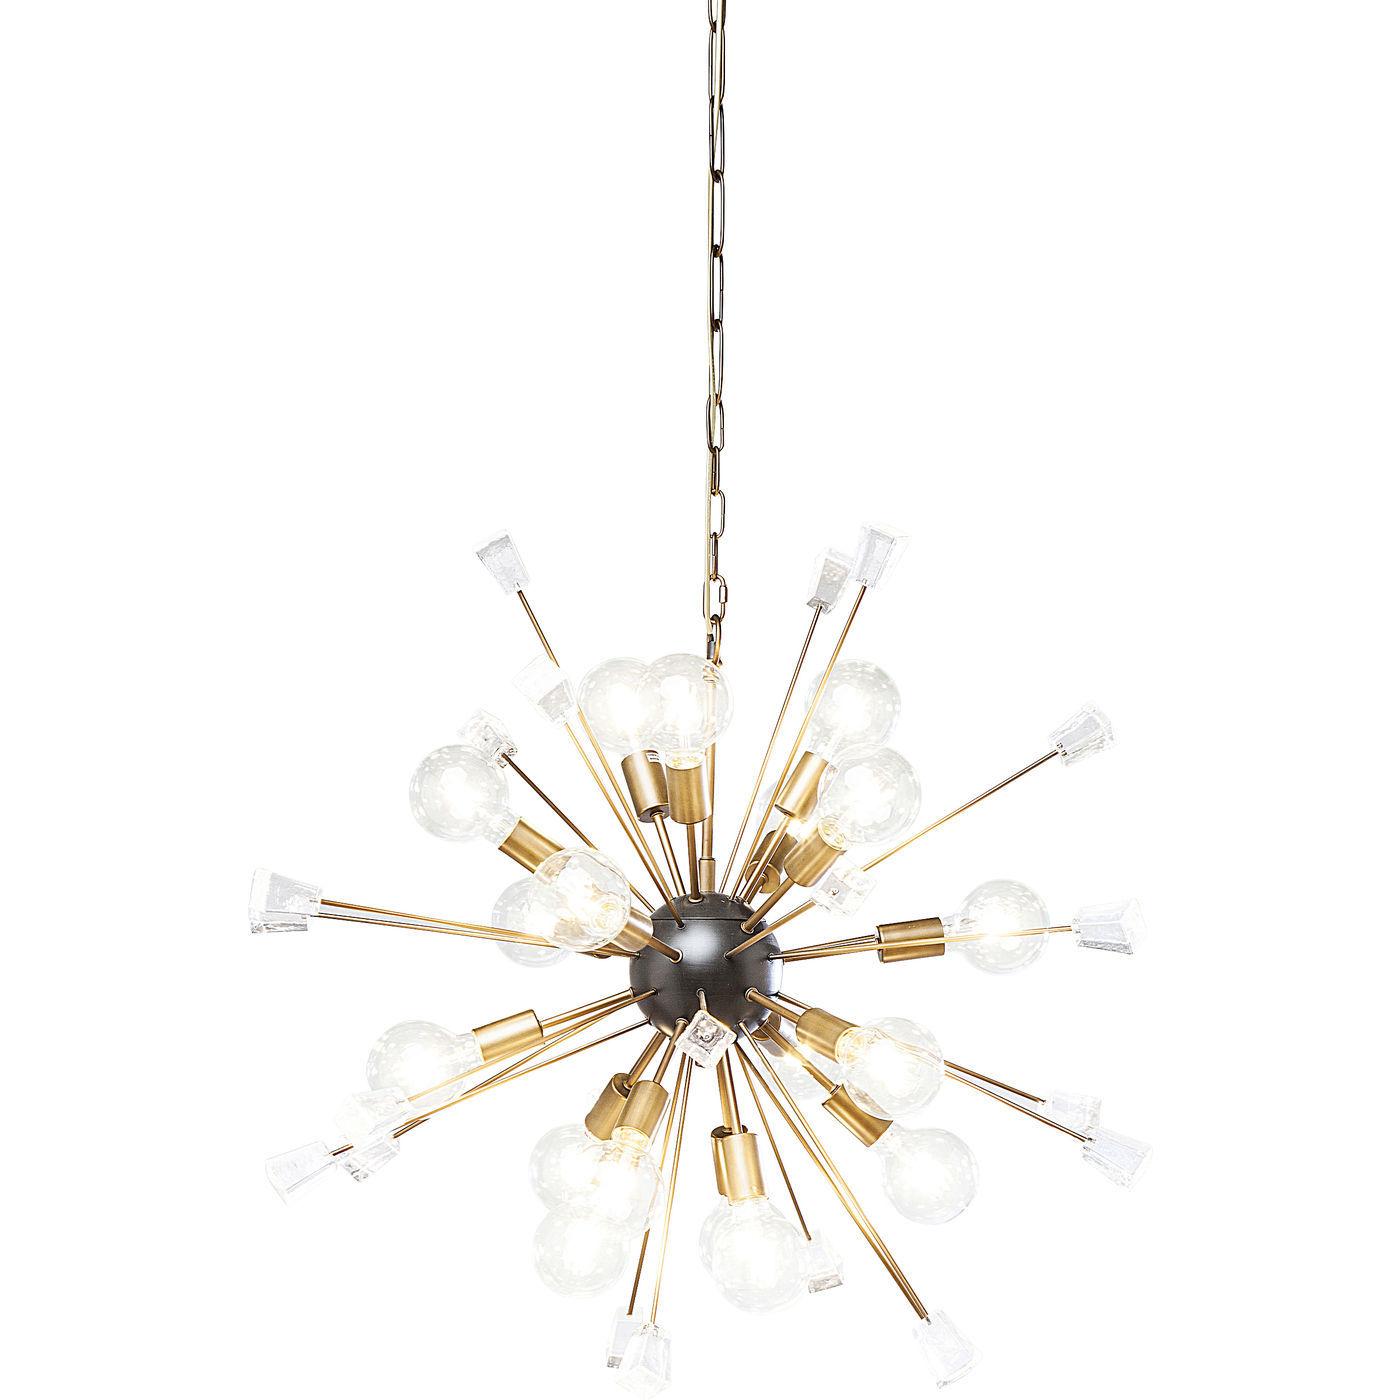 Billede af Kare Design Loftslampe, Crystal Bomb Brass